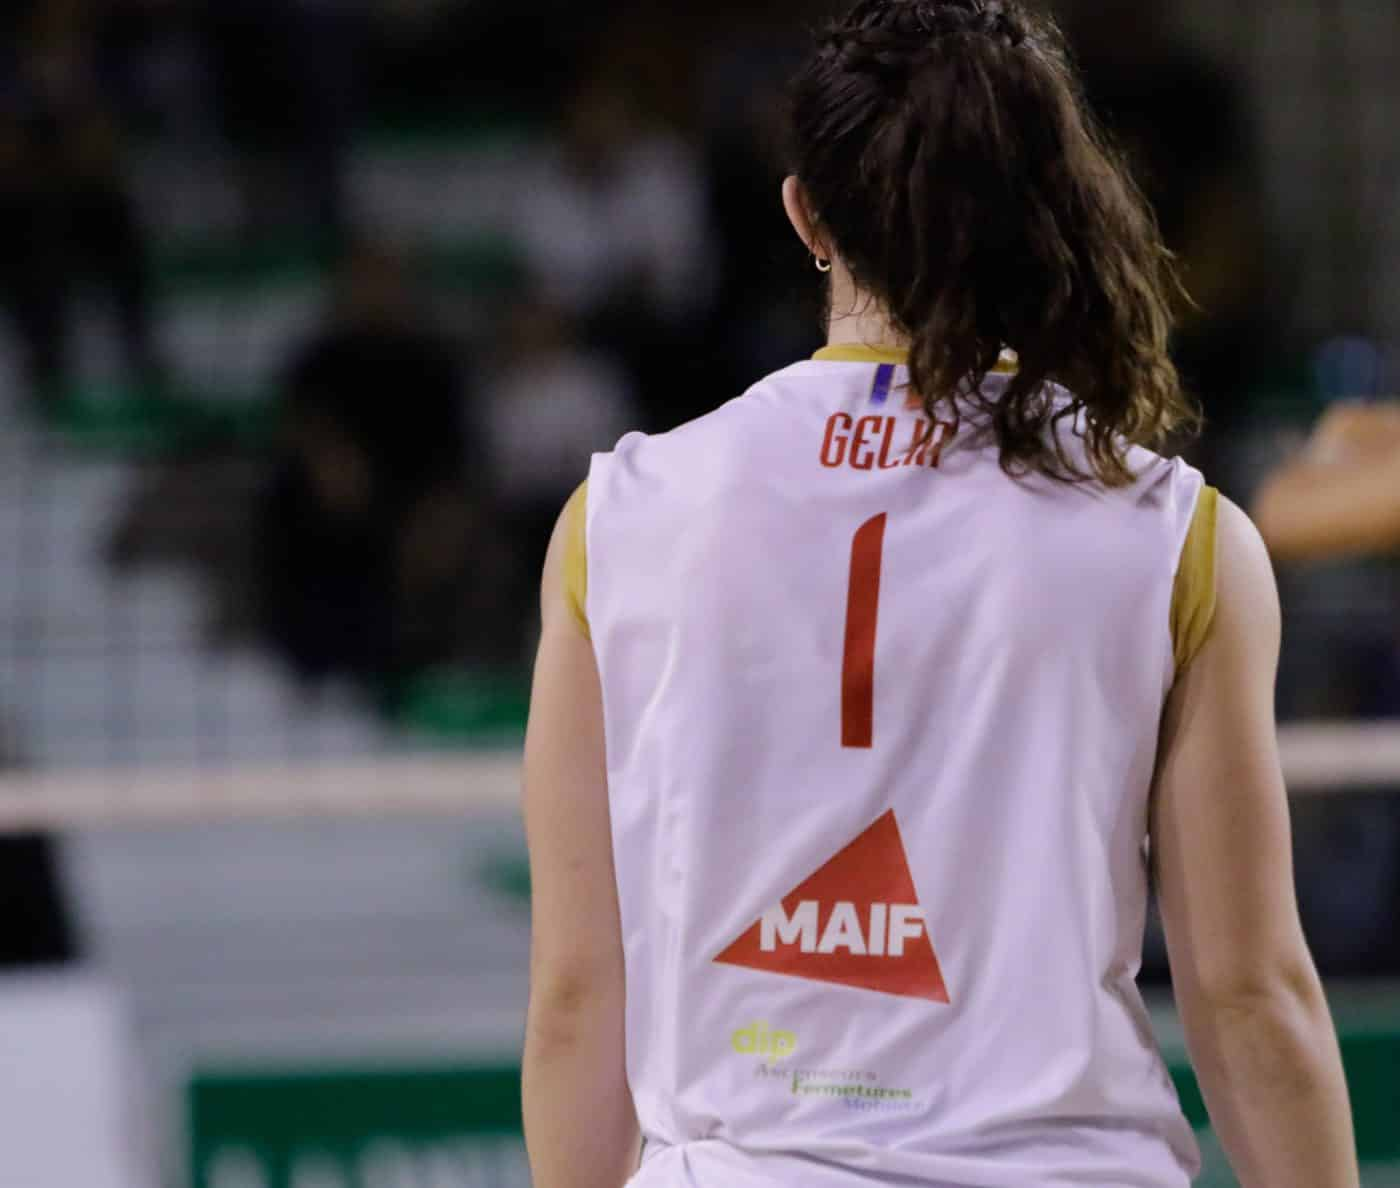 maillot-volley-LAF-2019-2020-france-avenir-2024-errea-3